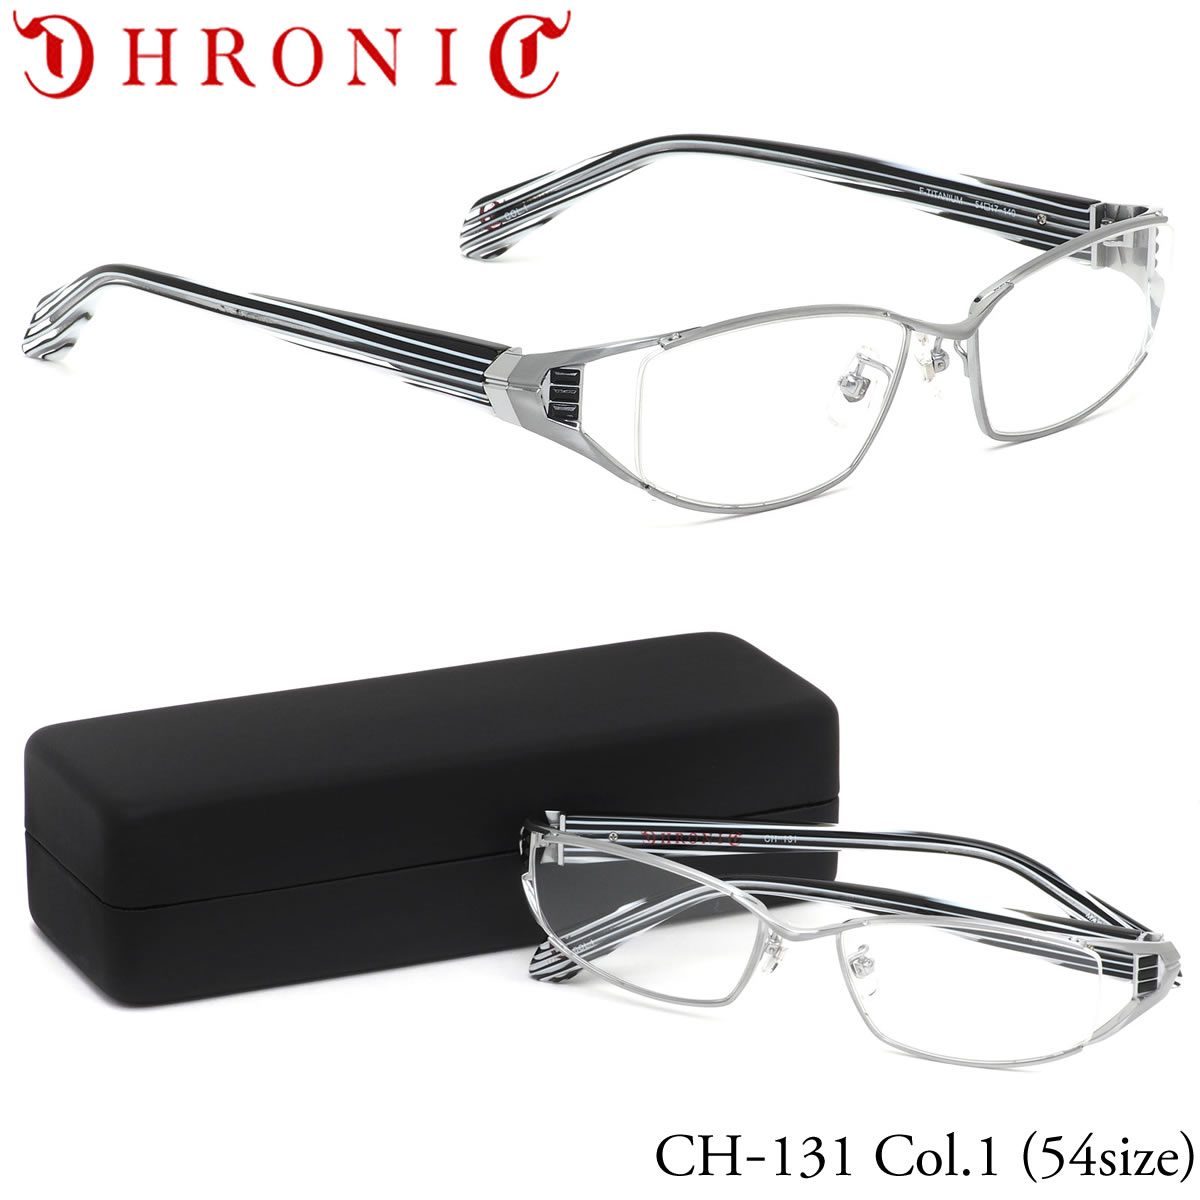 【10月30日からエントリーで全品ポイント20倍】クロニック CHRONIC メガネCH-131 1 54サイズシャープ クール ストライプ 日本製 国産 made in japan伊達メガネレンズ無料 メンズ レディース